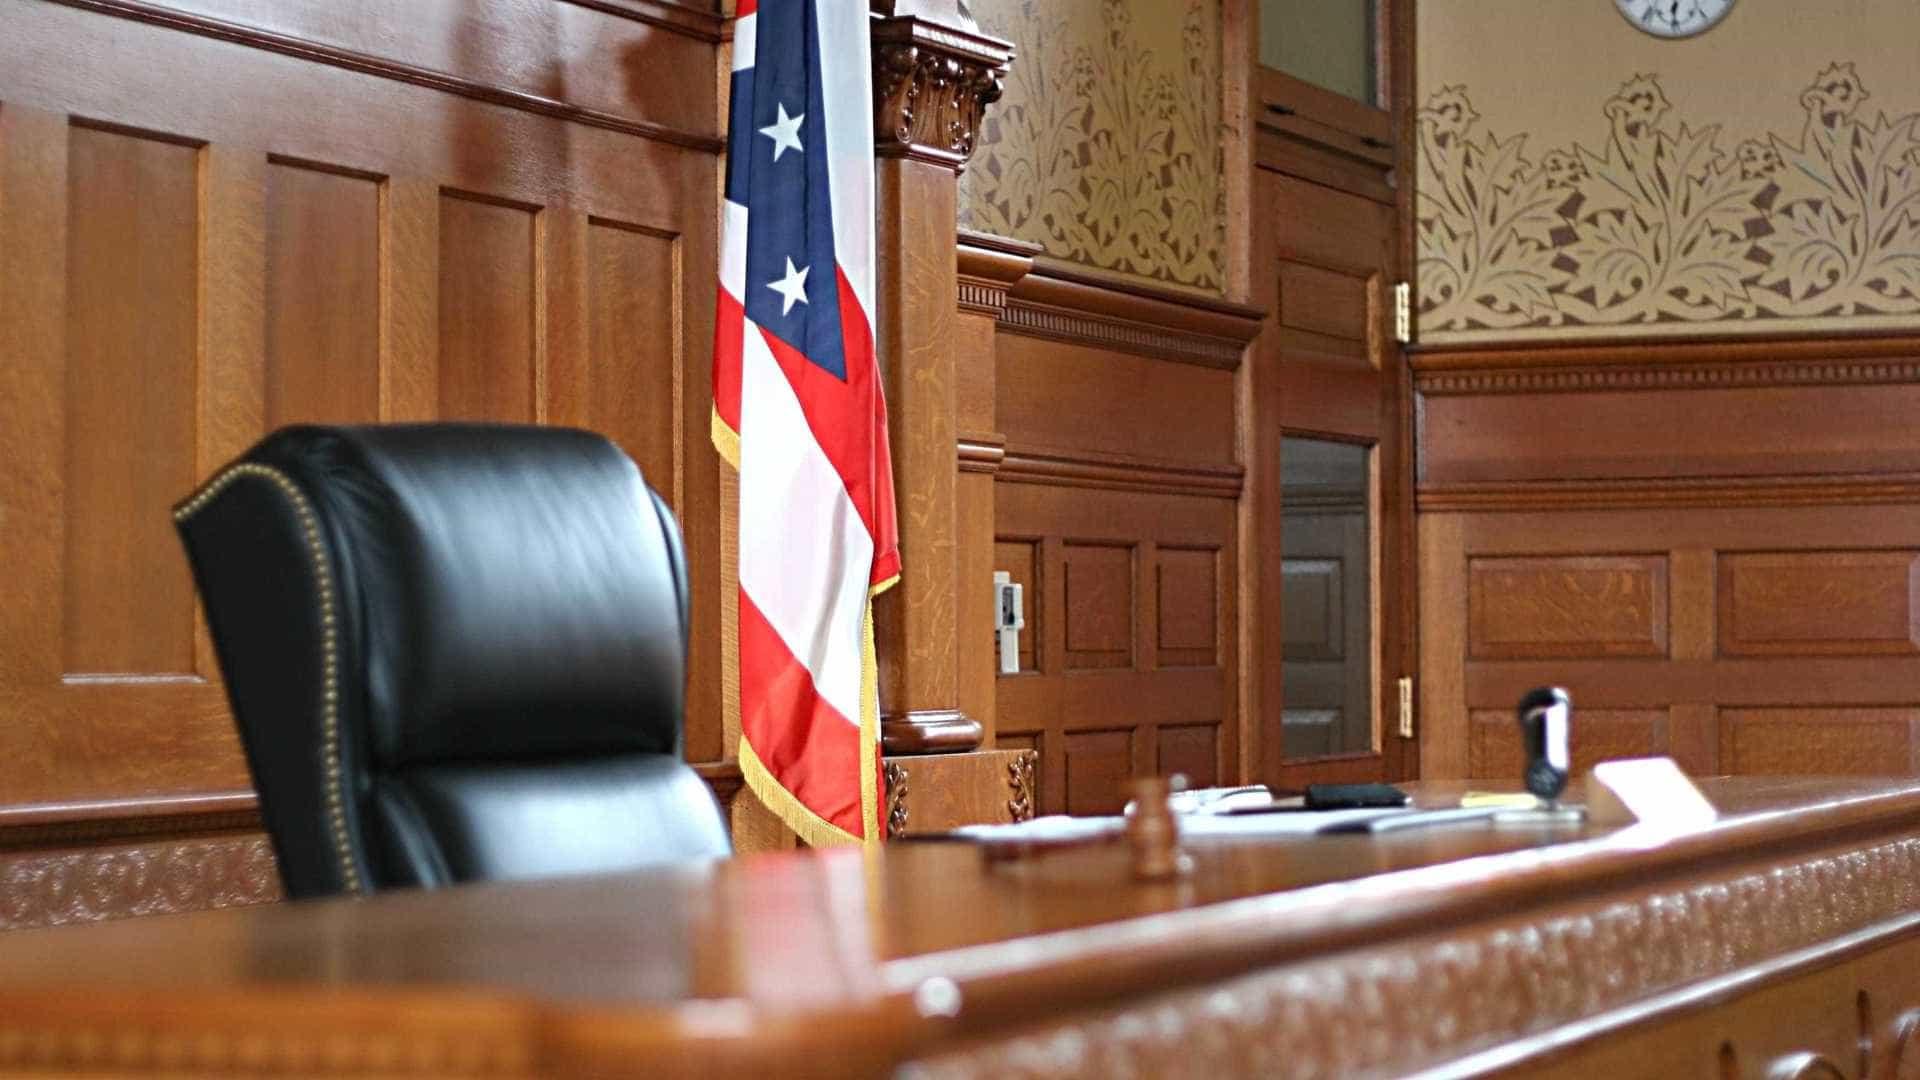 Juiz pergunta à vítima de violação por que não fechou as pernas